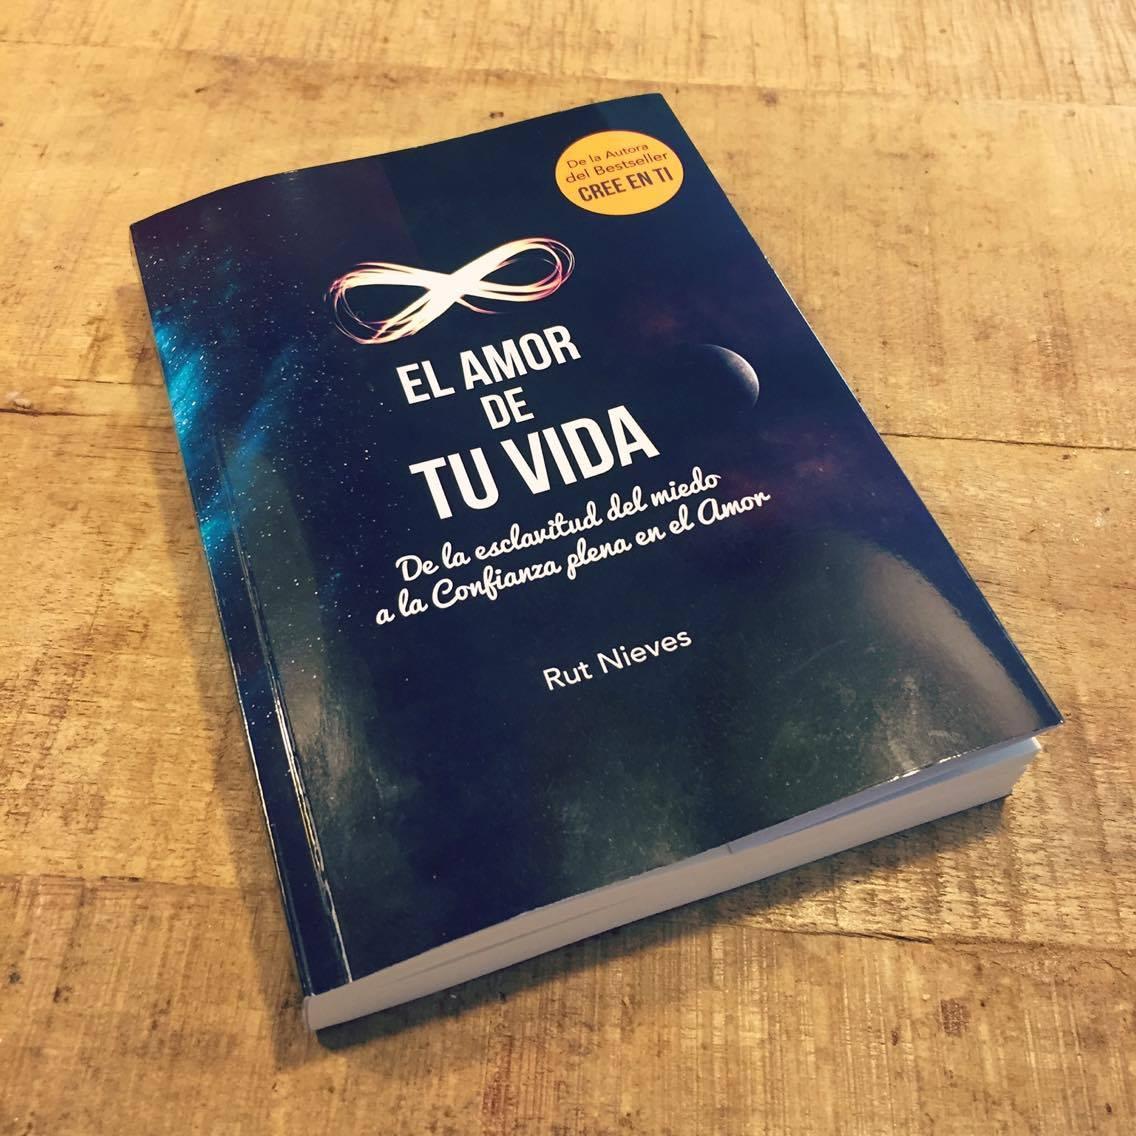 libro ELAMOR